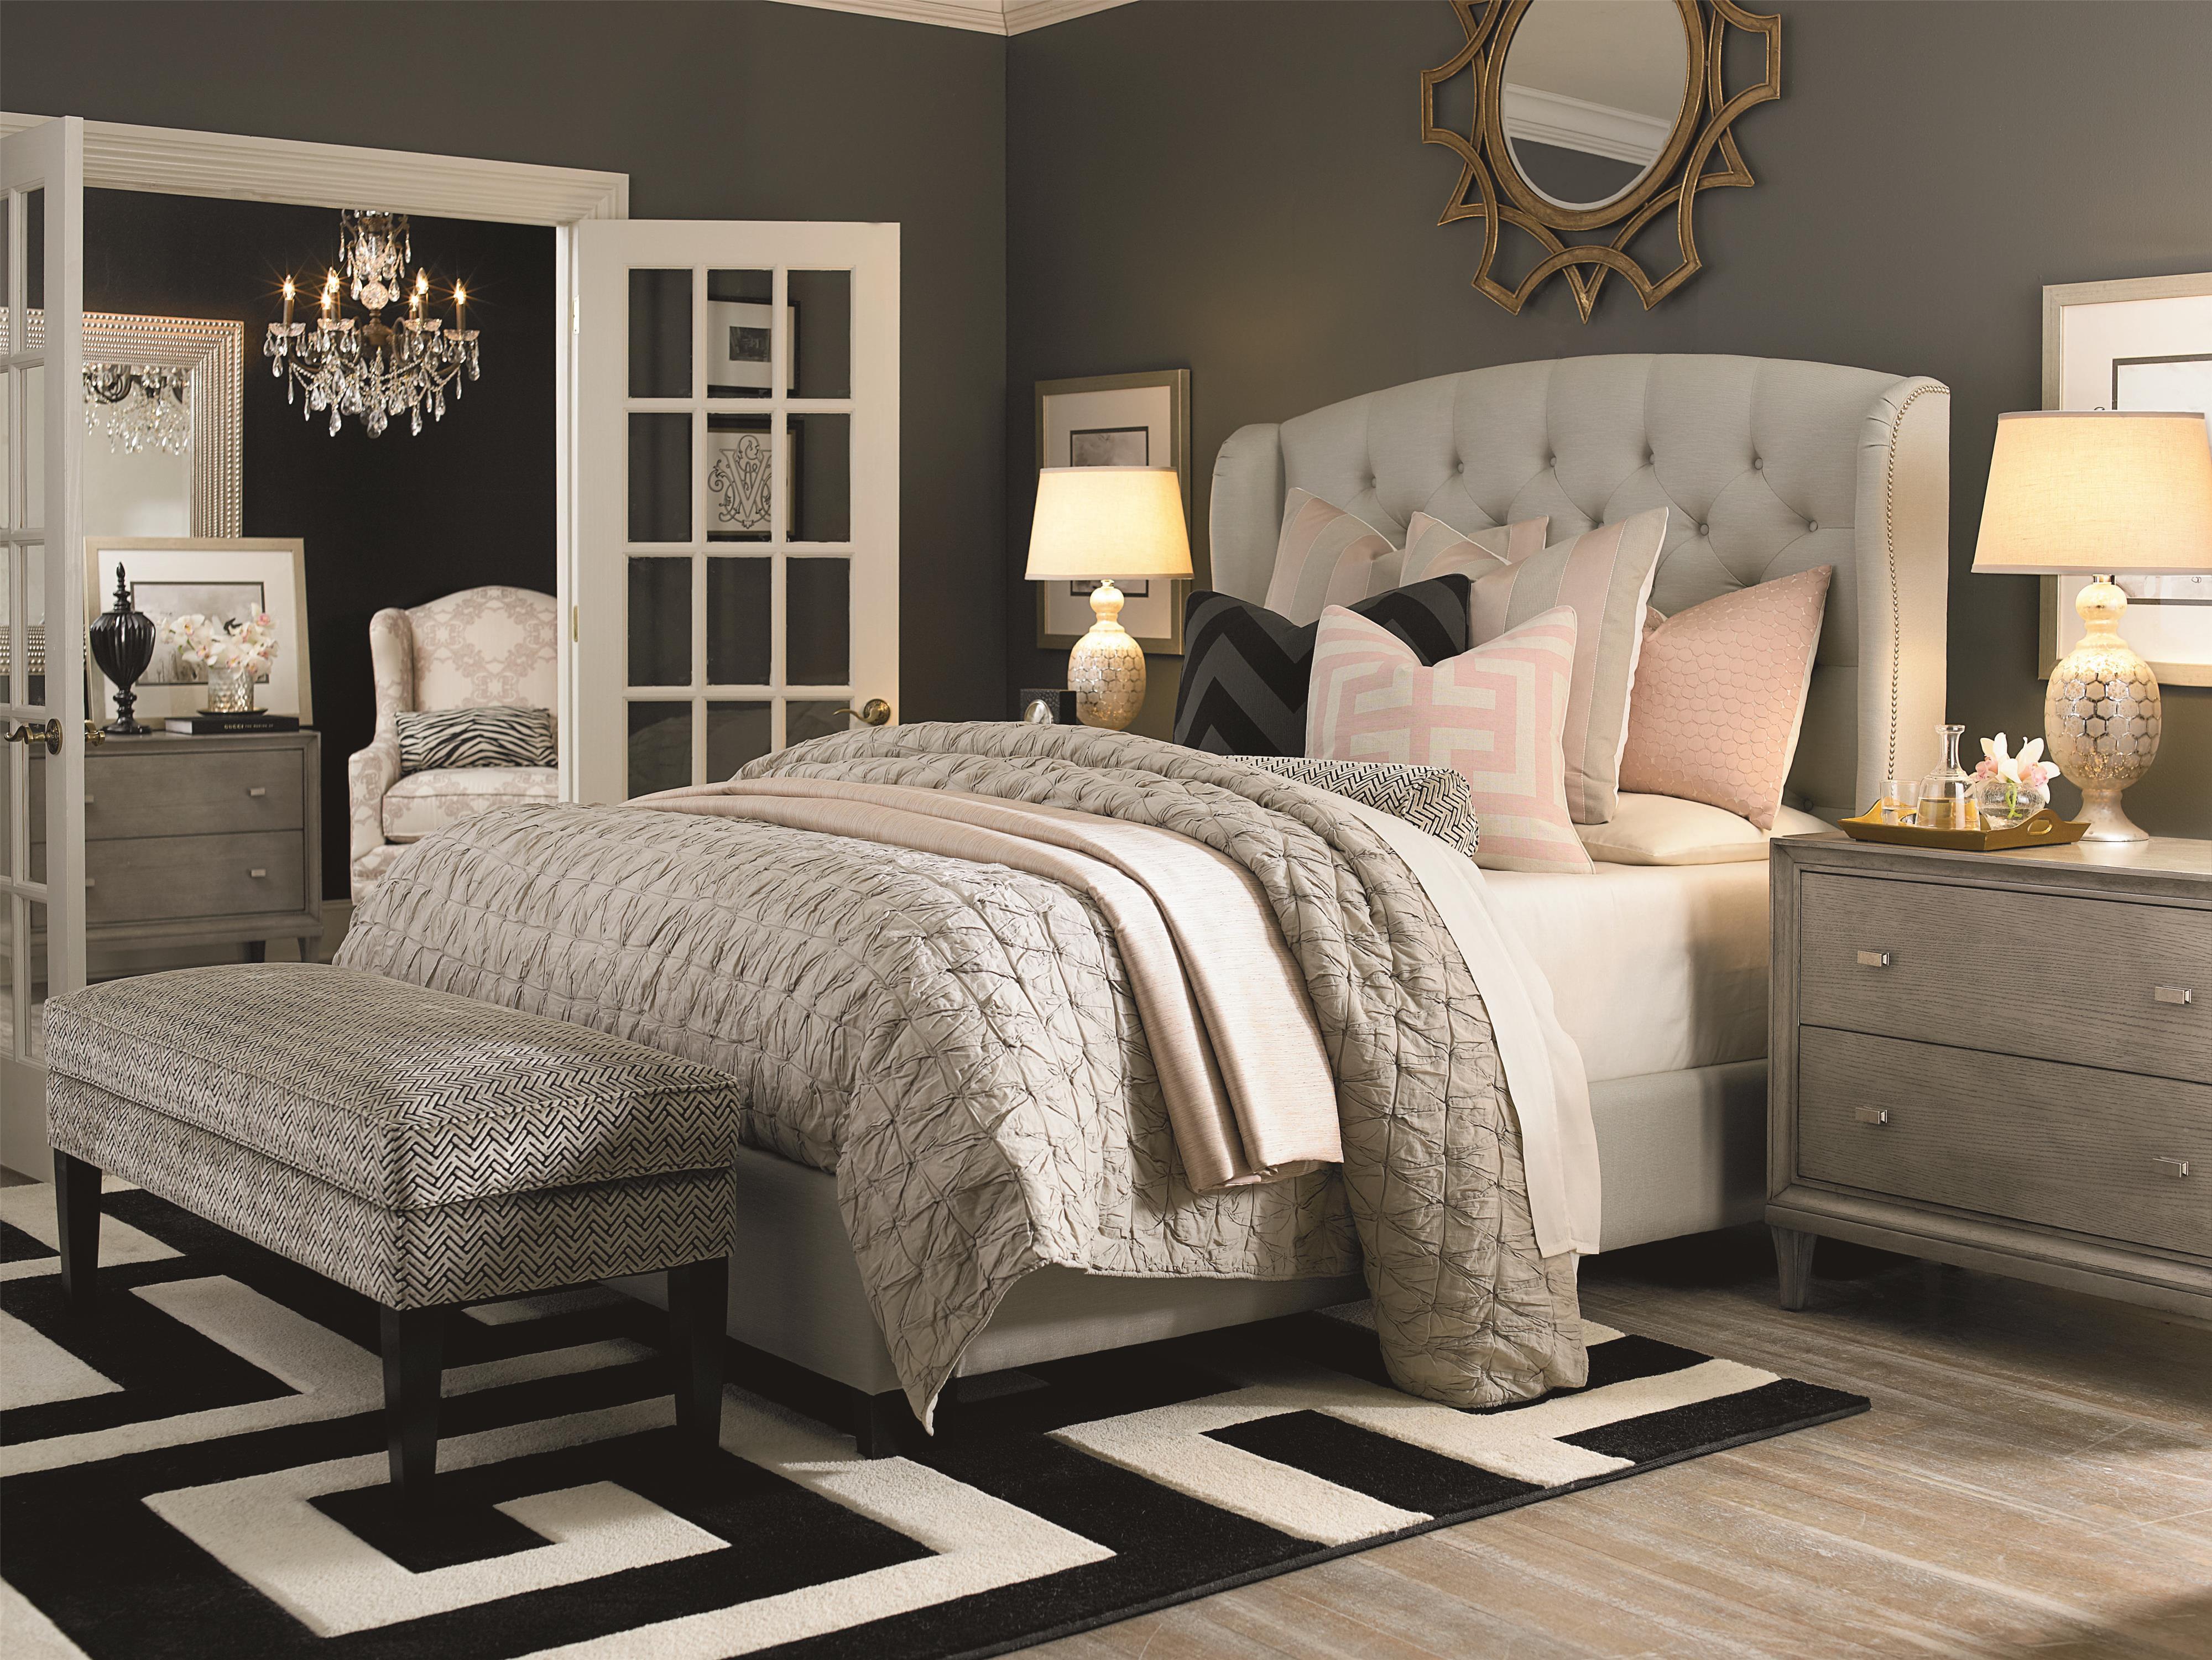 Bassett Custom Upholstered Beds Paris King Size